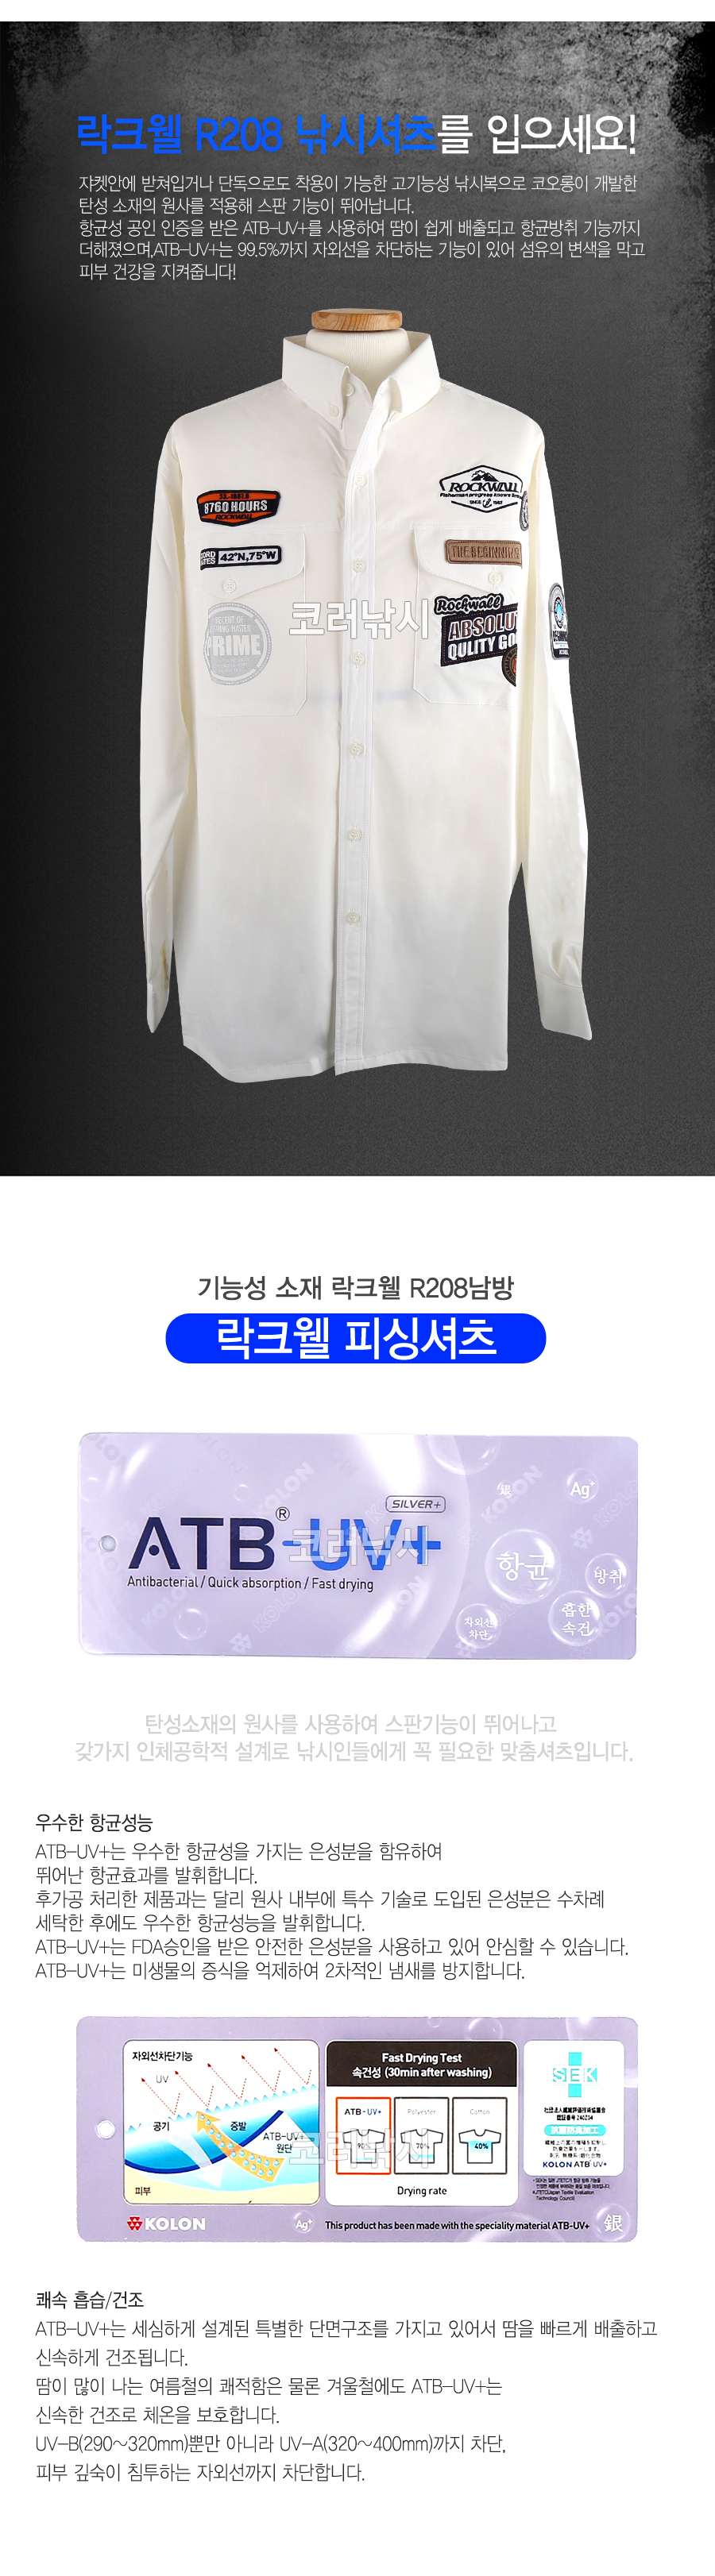 락크웰 R208 남방 made in korea 피싱셔츠 기능성남방 기능성셔츠 통기셔츠 통기남방 낚시옷